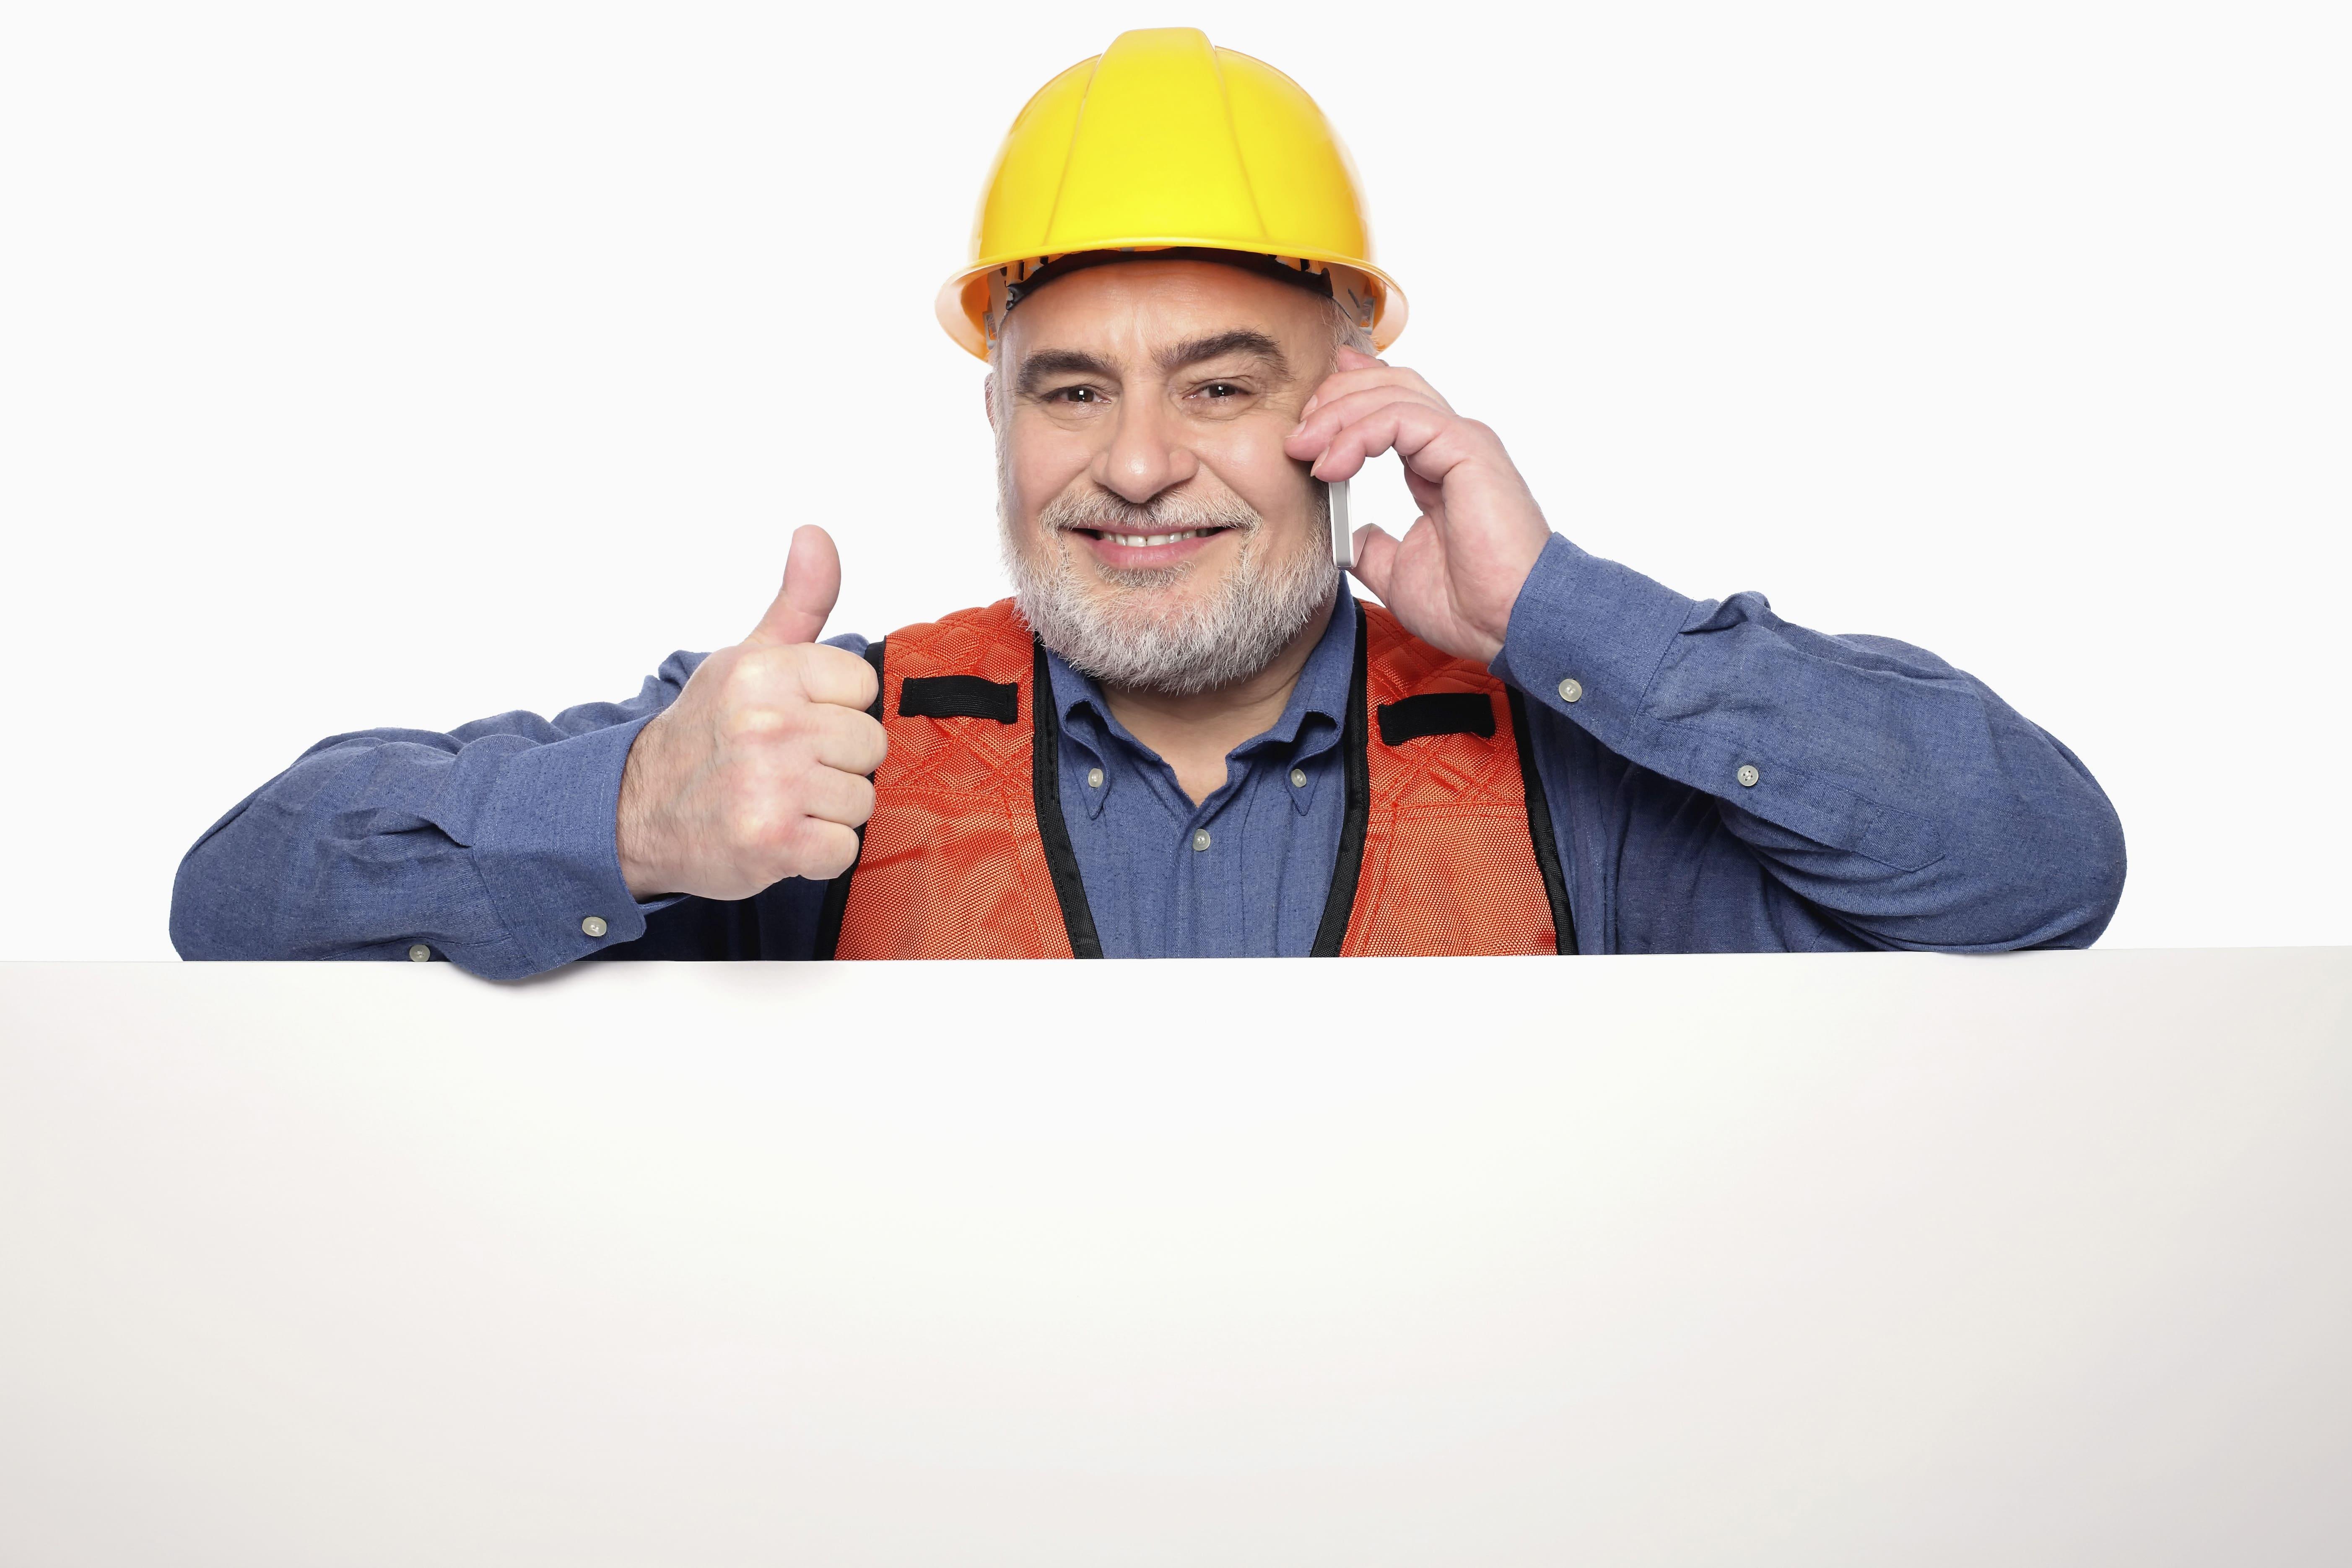 שיקום בטון – מה אסור לפספס